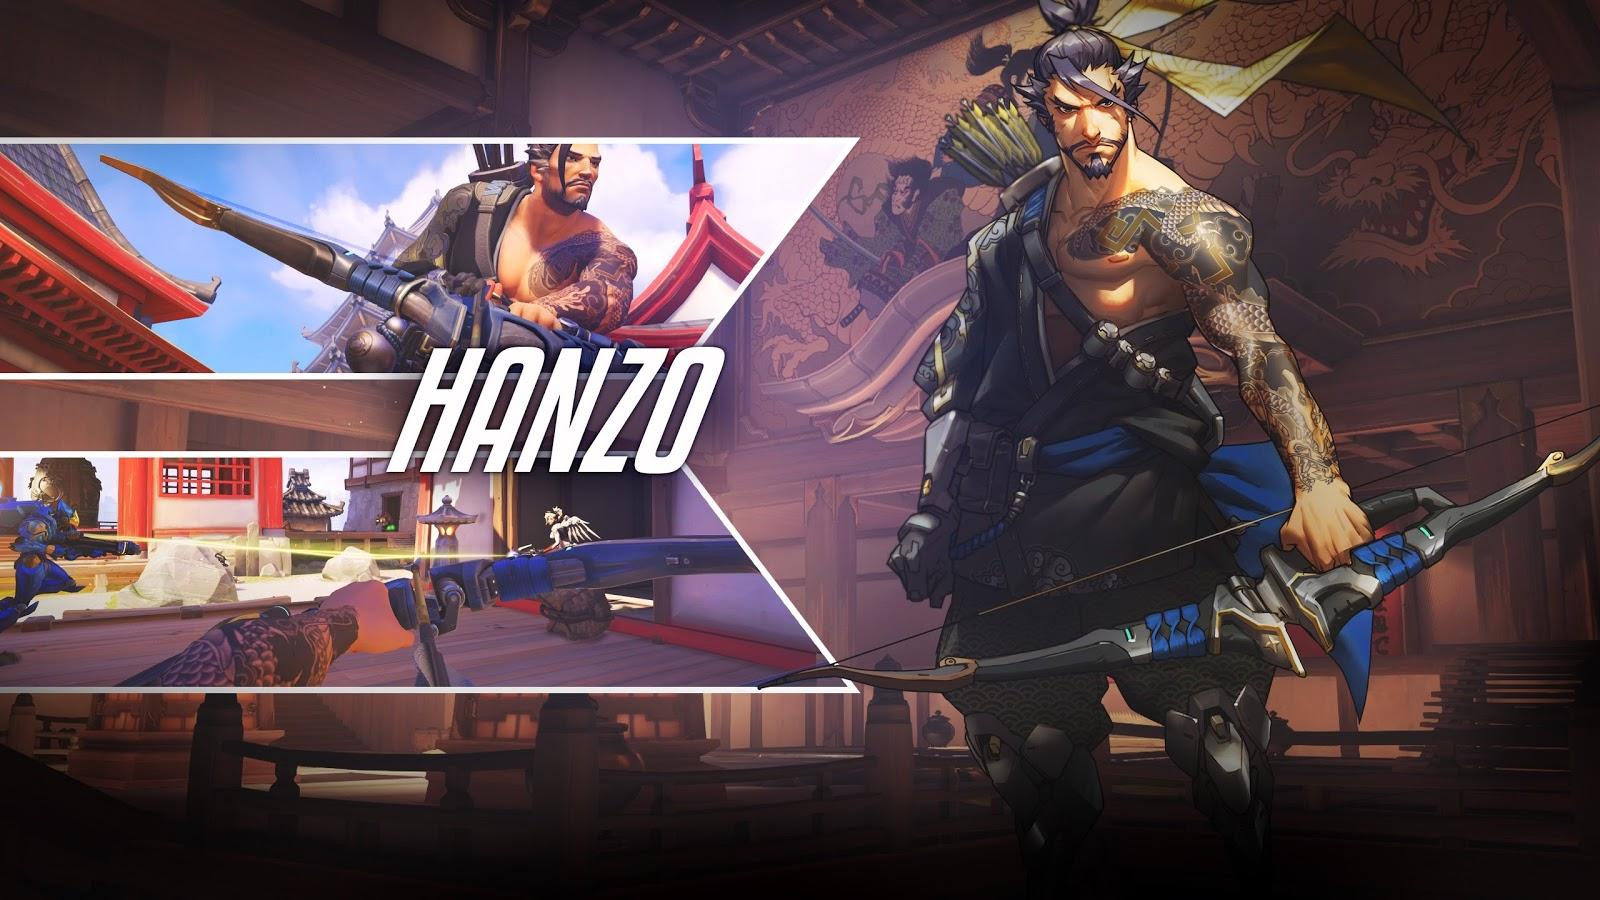 Overwatch Hanzo